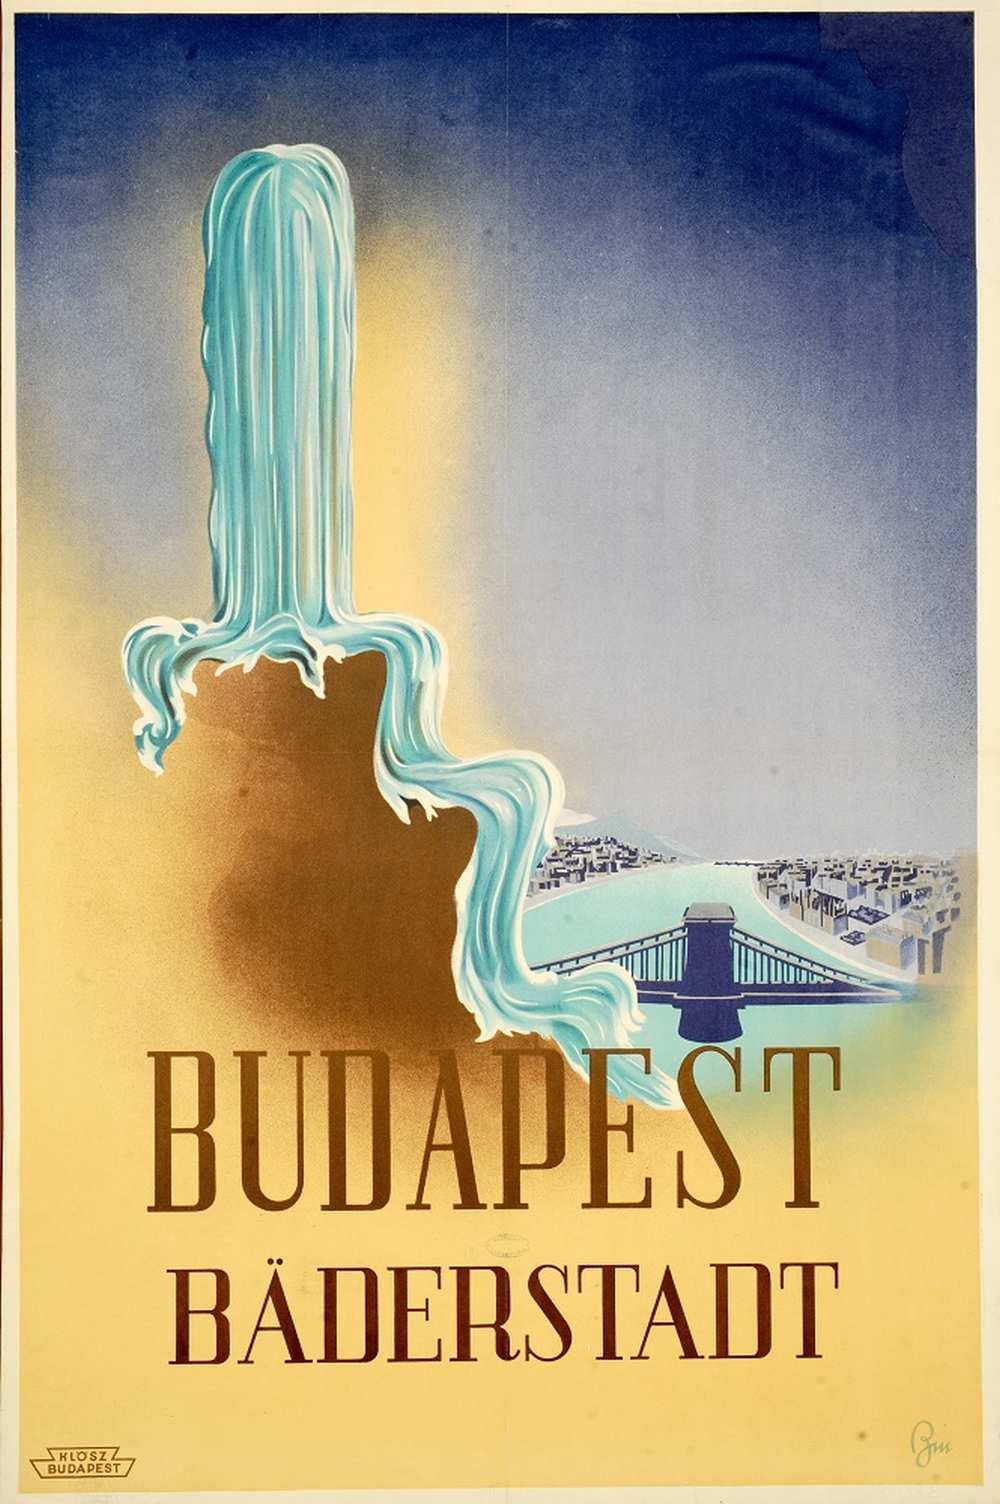 Byssz Róbert: Budapest Bäderstadt (1939). Jelzet: PKG.én/190 – Térkép-, Plakát- és Kisnyomtatványtár http://nektar.oszk.hu/hu/manifestation/2769193